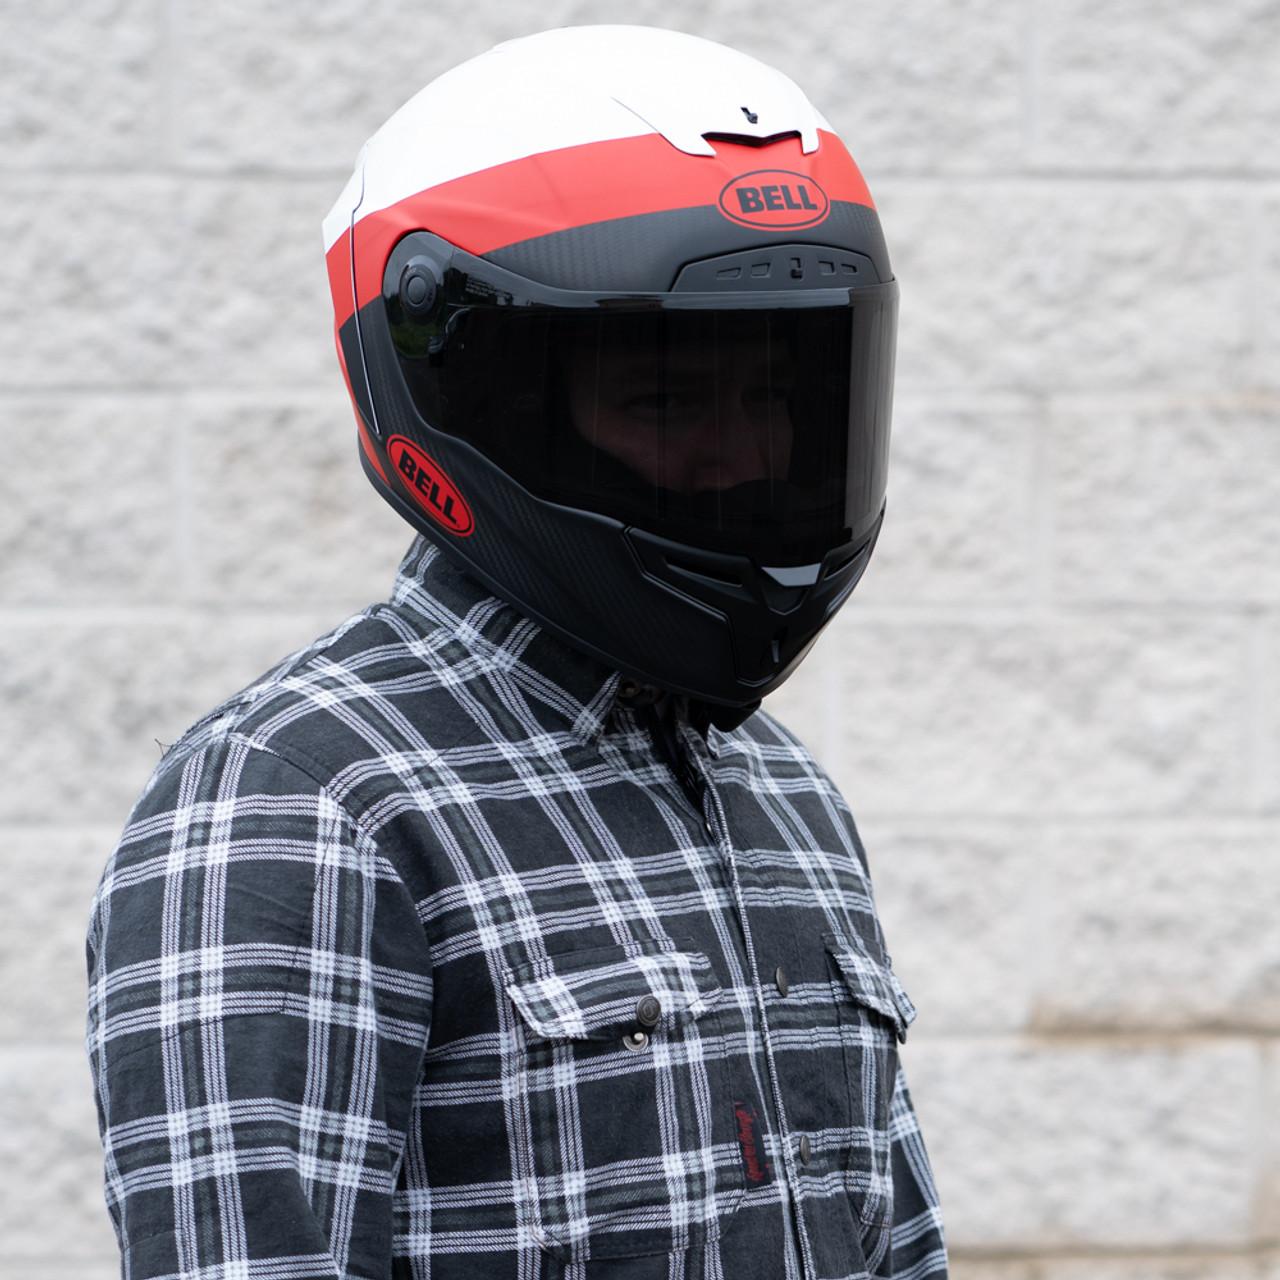 63e3bc89 Bell Race Star Flex DLX Surge Matte/Gloss White/Red Helmet - Get ...